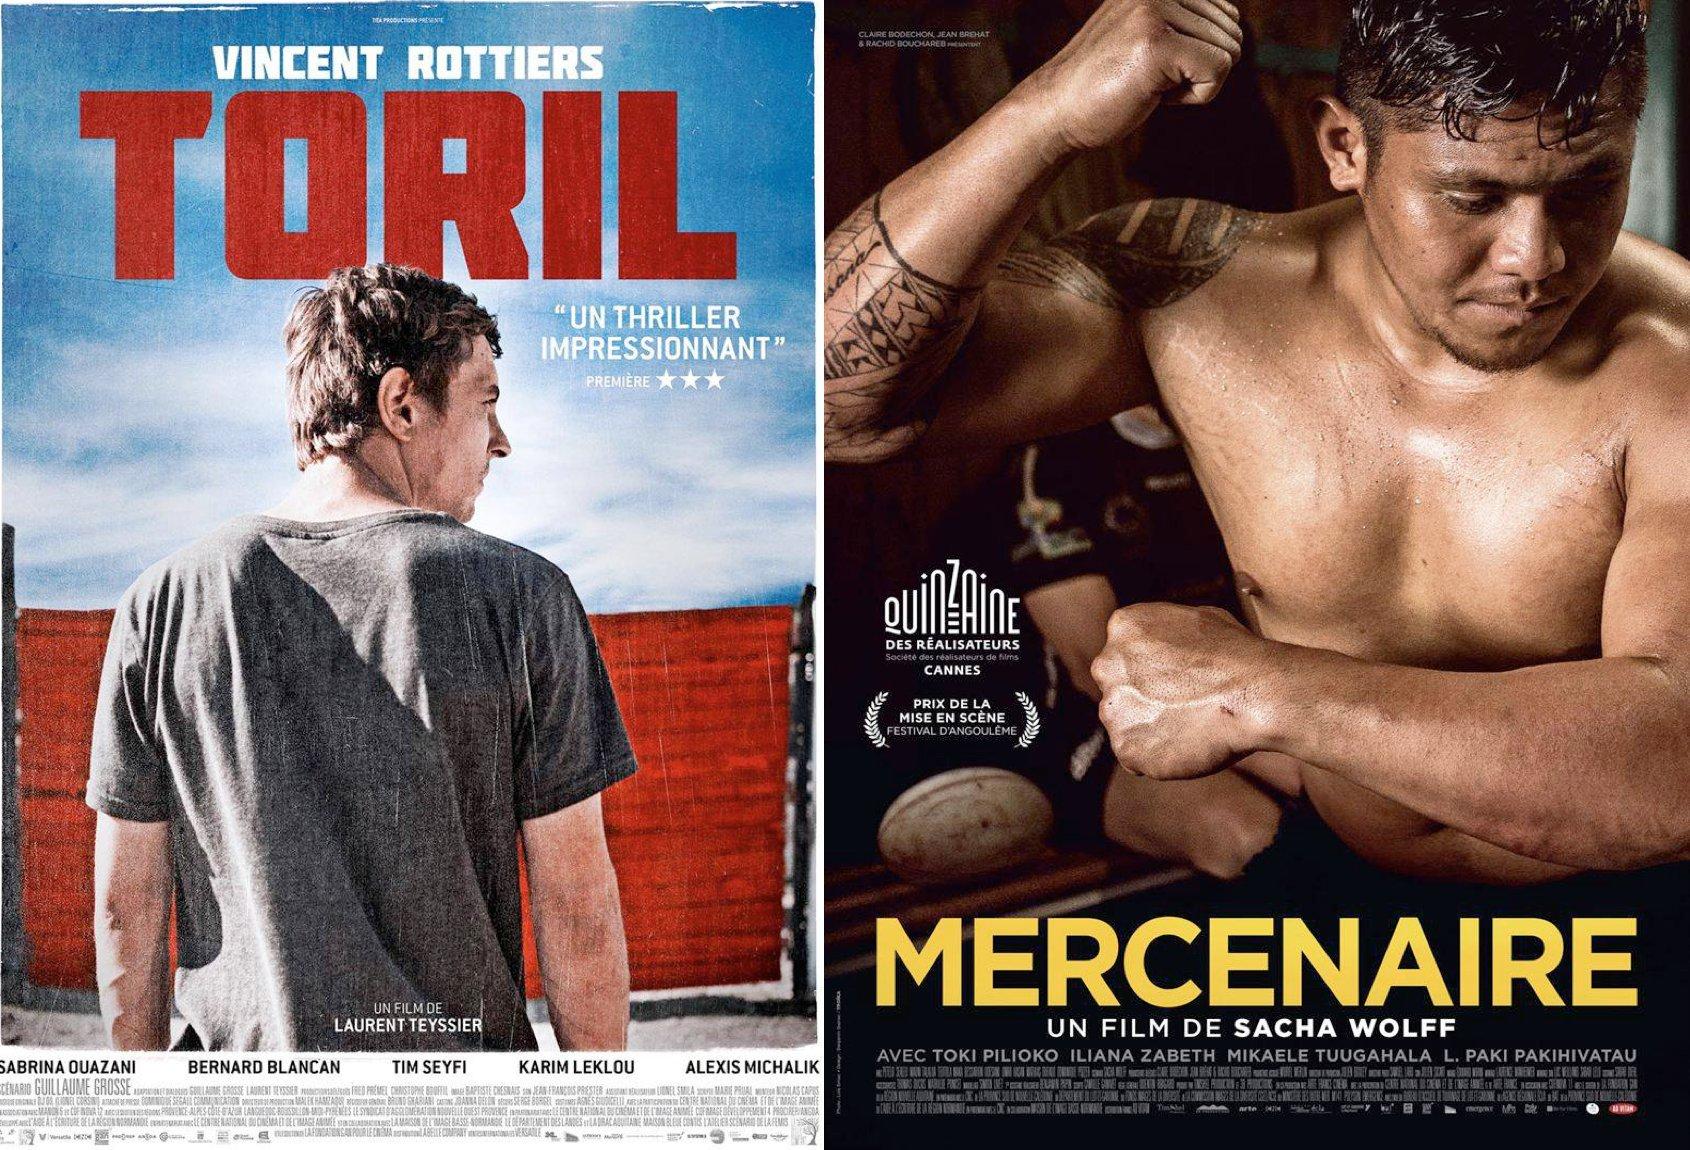 Affiches de films soutenus par la Maison de l'image, et présentés au Café des images.